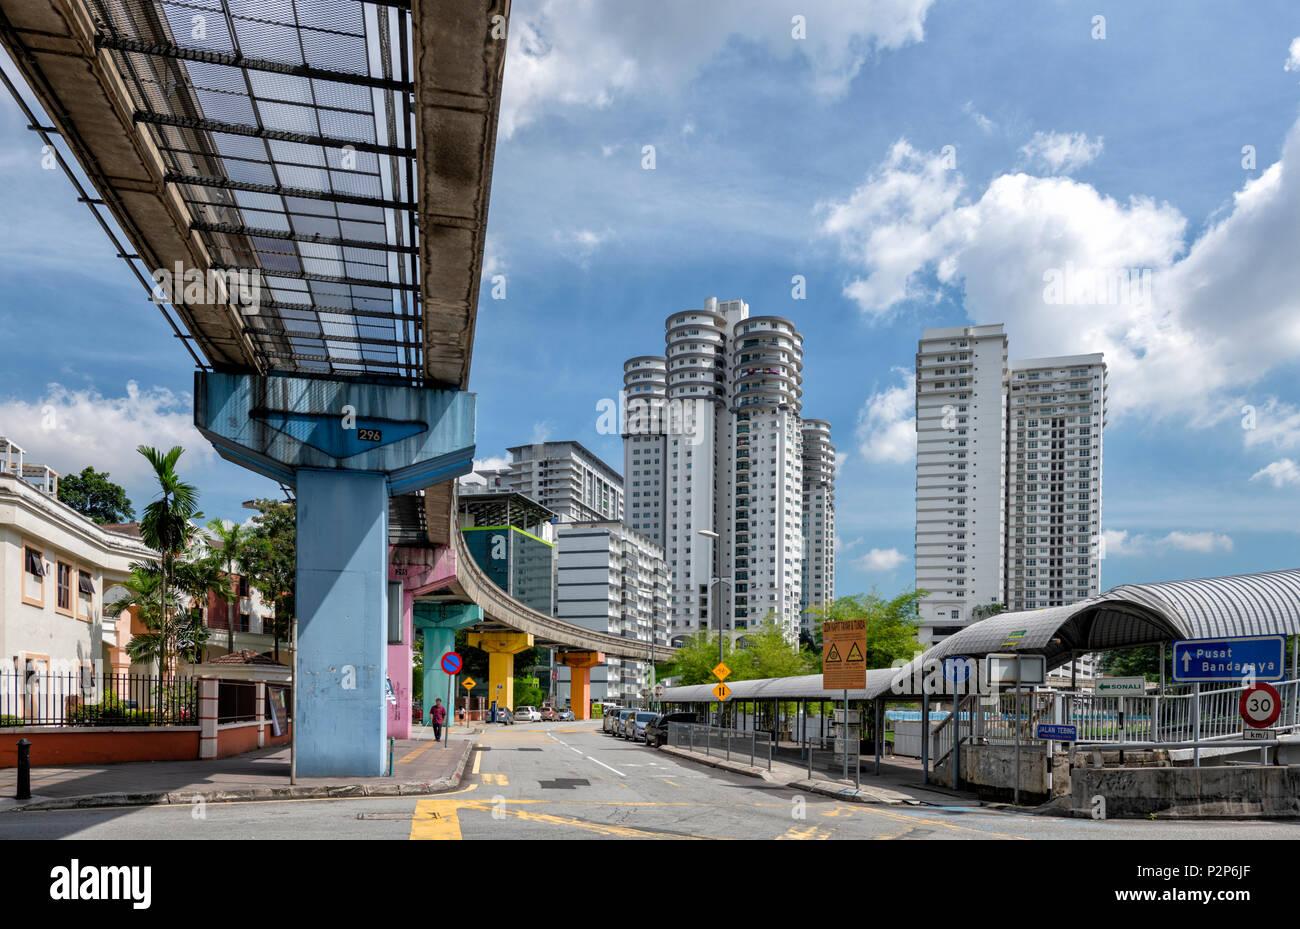 Un monorail la position dans le centre ville de Kuala Lumpur. Kuala Lumpur, Malaisie Photo Stock